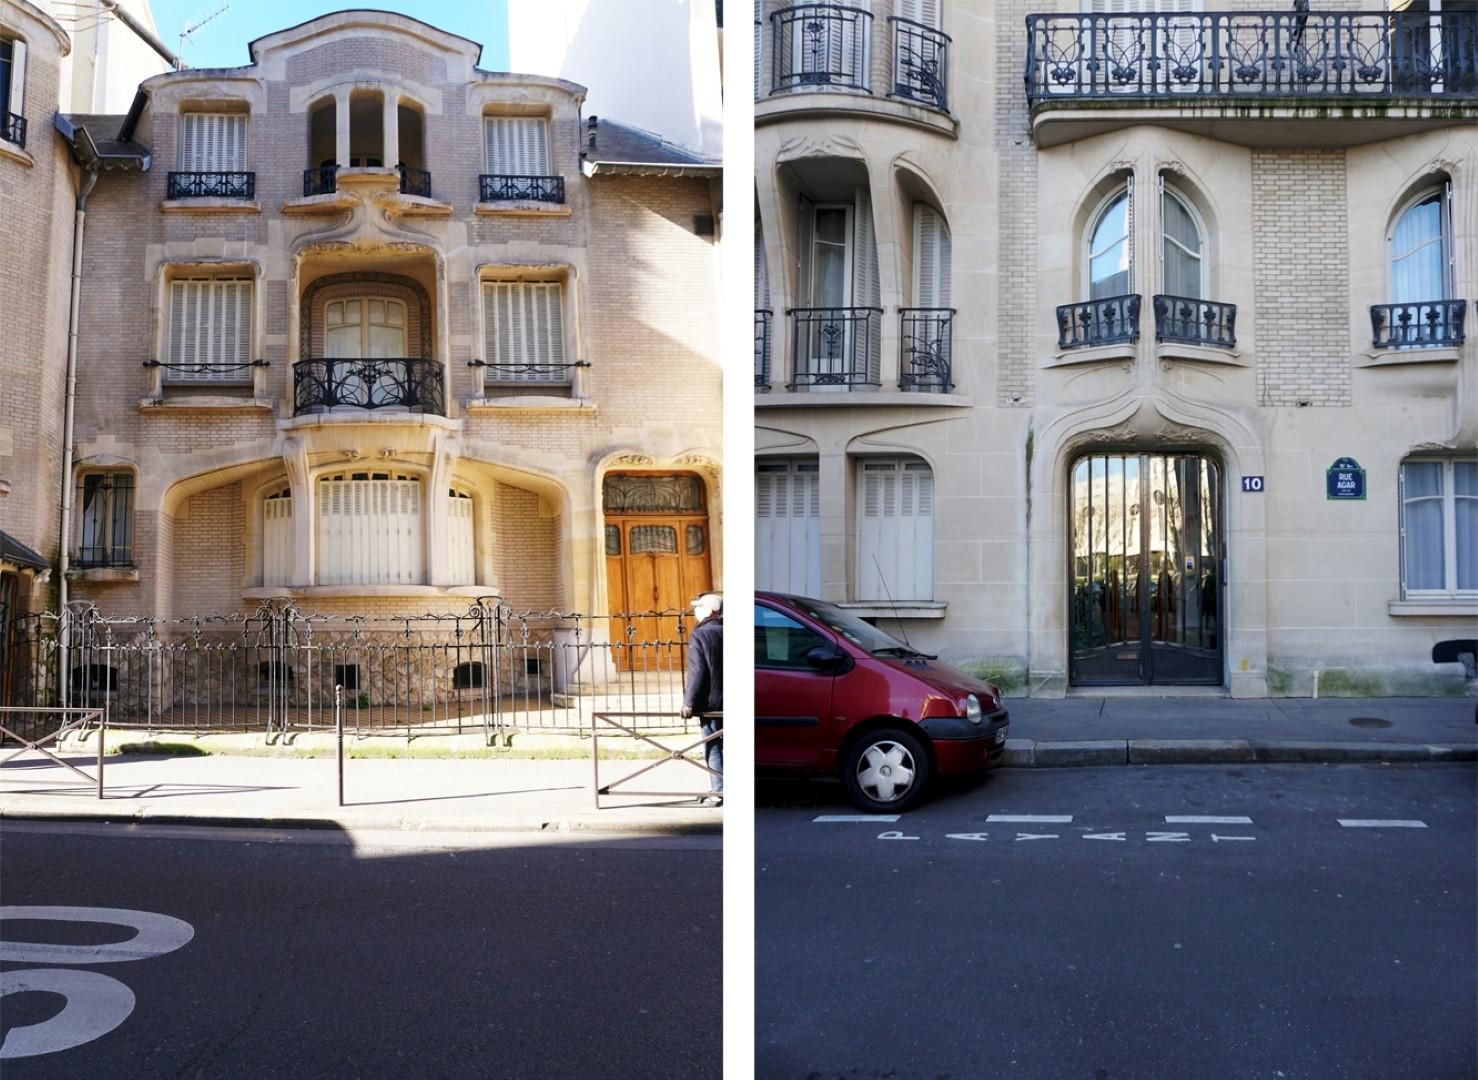 Balade dans le 16e, voies cachées et Art Nouveau - rue de la Fontaine, Hector Guimard